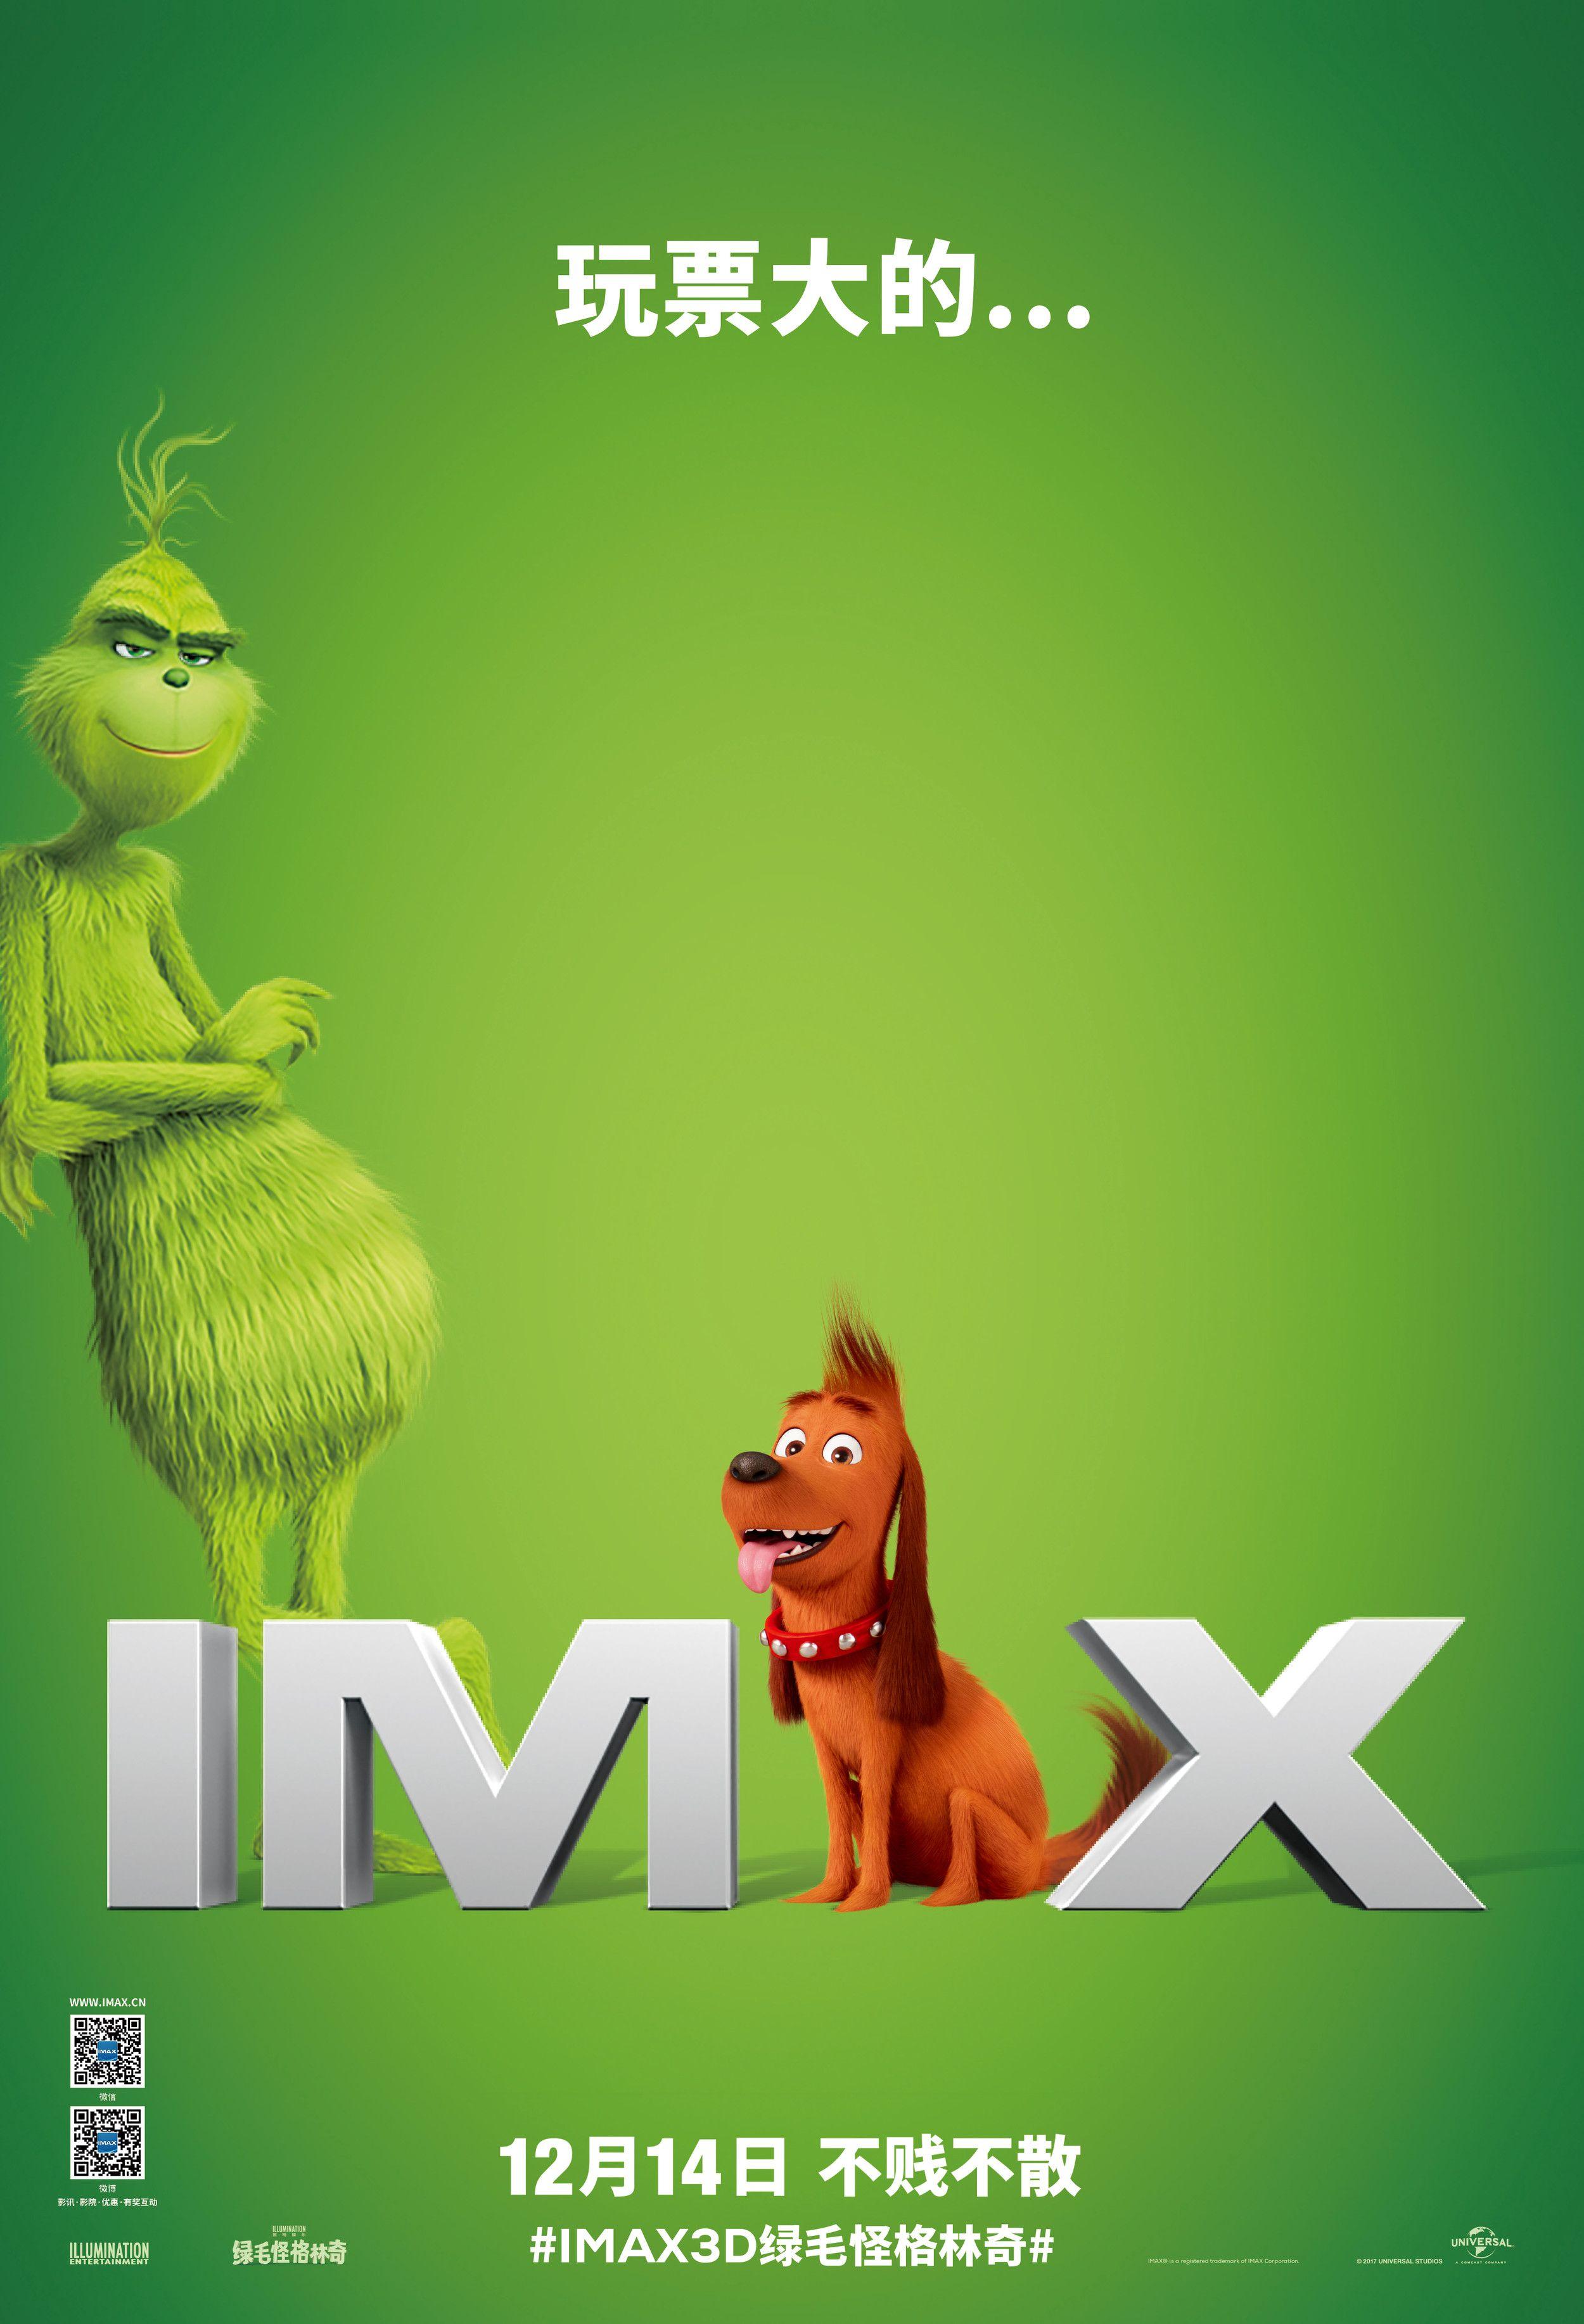 """《绿毛怪格林奇》发IMAX海报,顽皮格林奇携萌宠""""玩票大的""""电影新闻"""